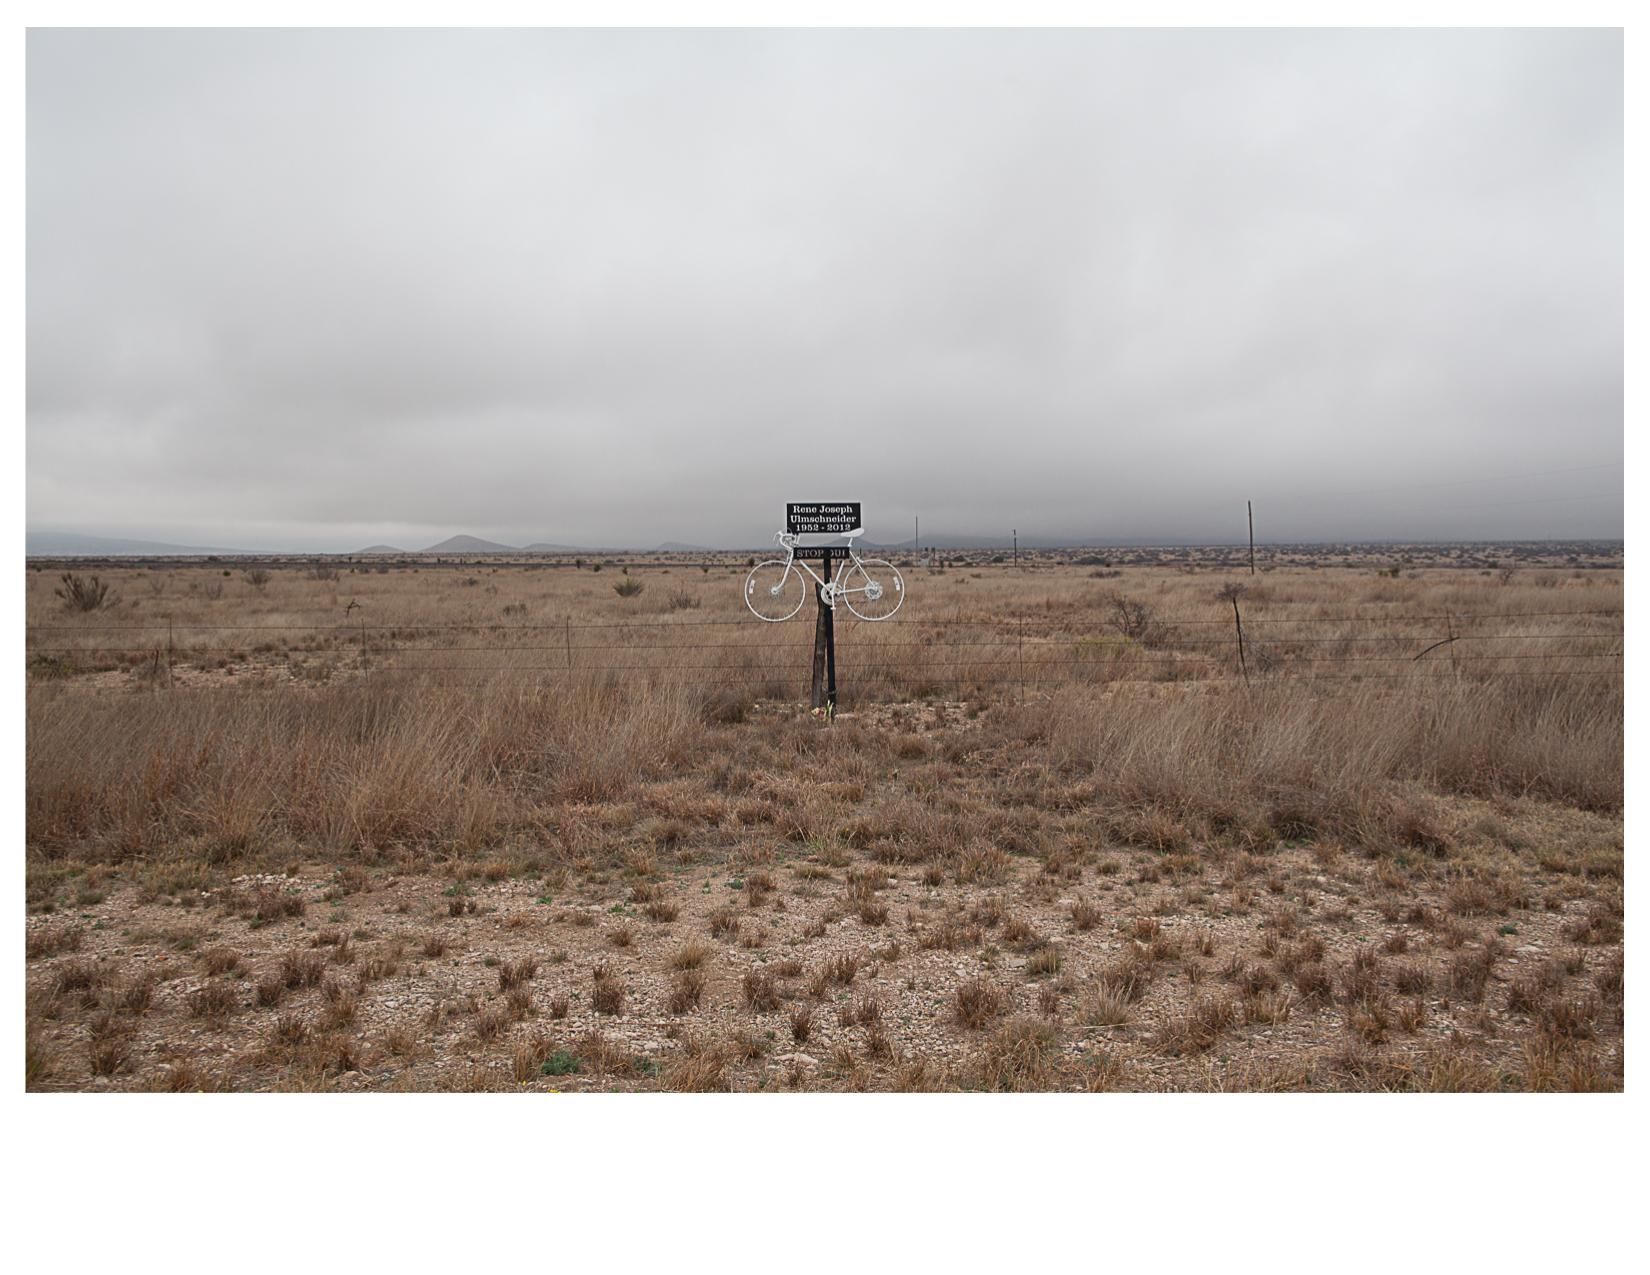 Ghost Bike, West of Marathon, TX